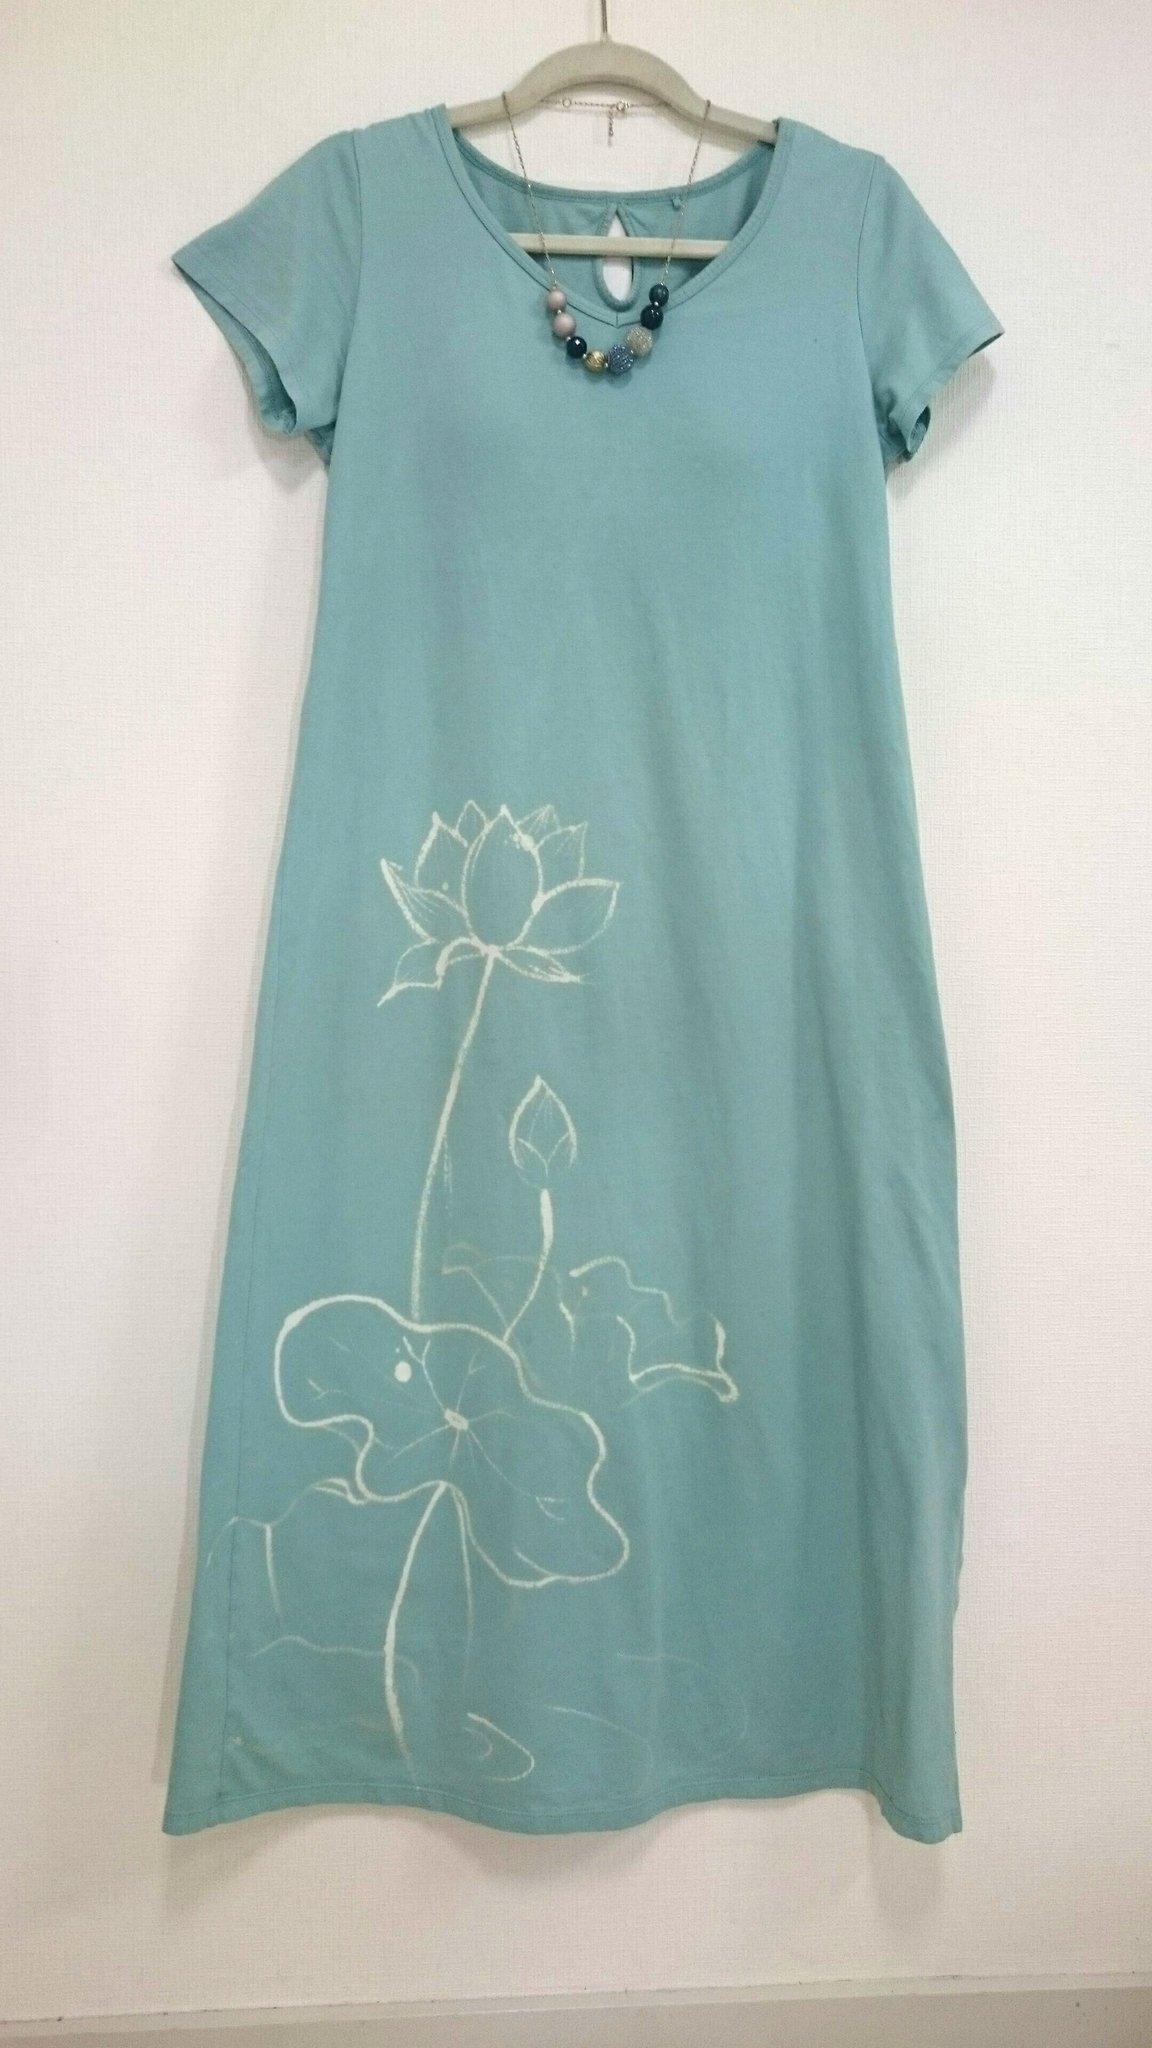 ユニクロのロングTシャツに漂白剤を飛ばしてしまい(泣)そのまま漂白剤で絵を描いてみたらリカバーできたかも✌